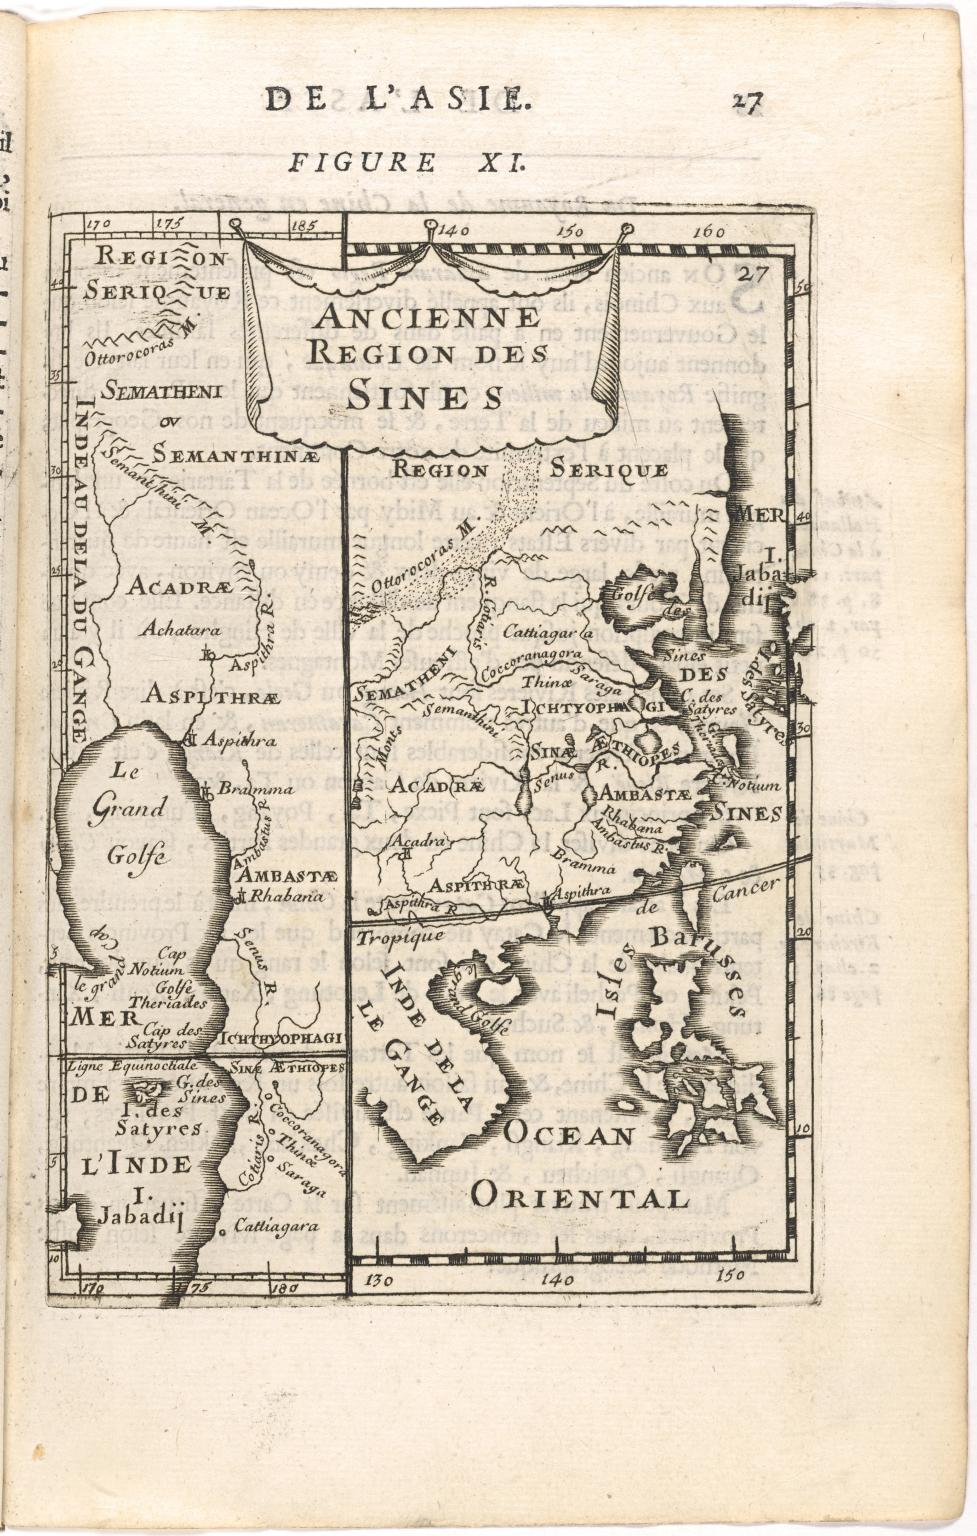 Ancienne Region des Sines